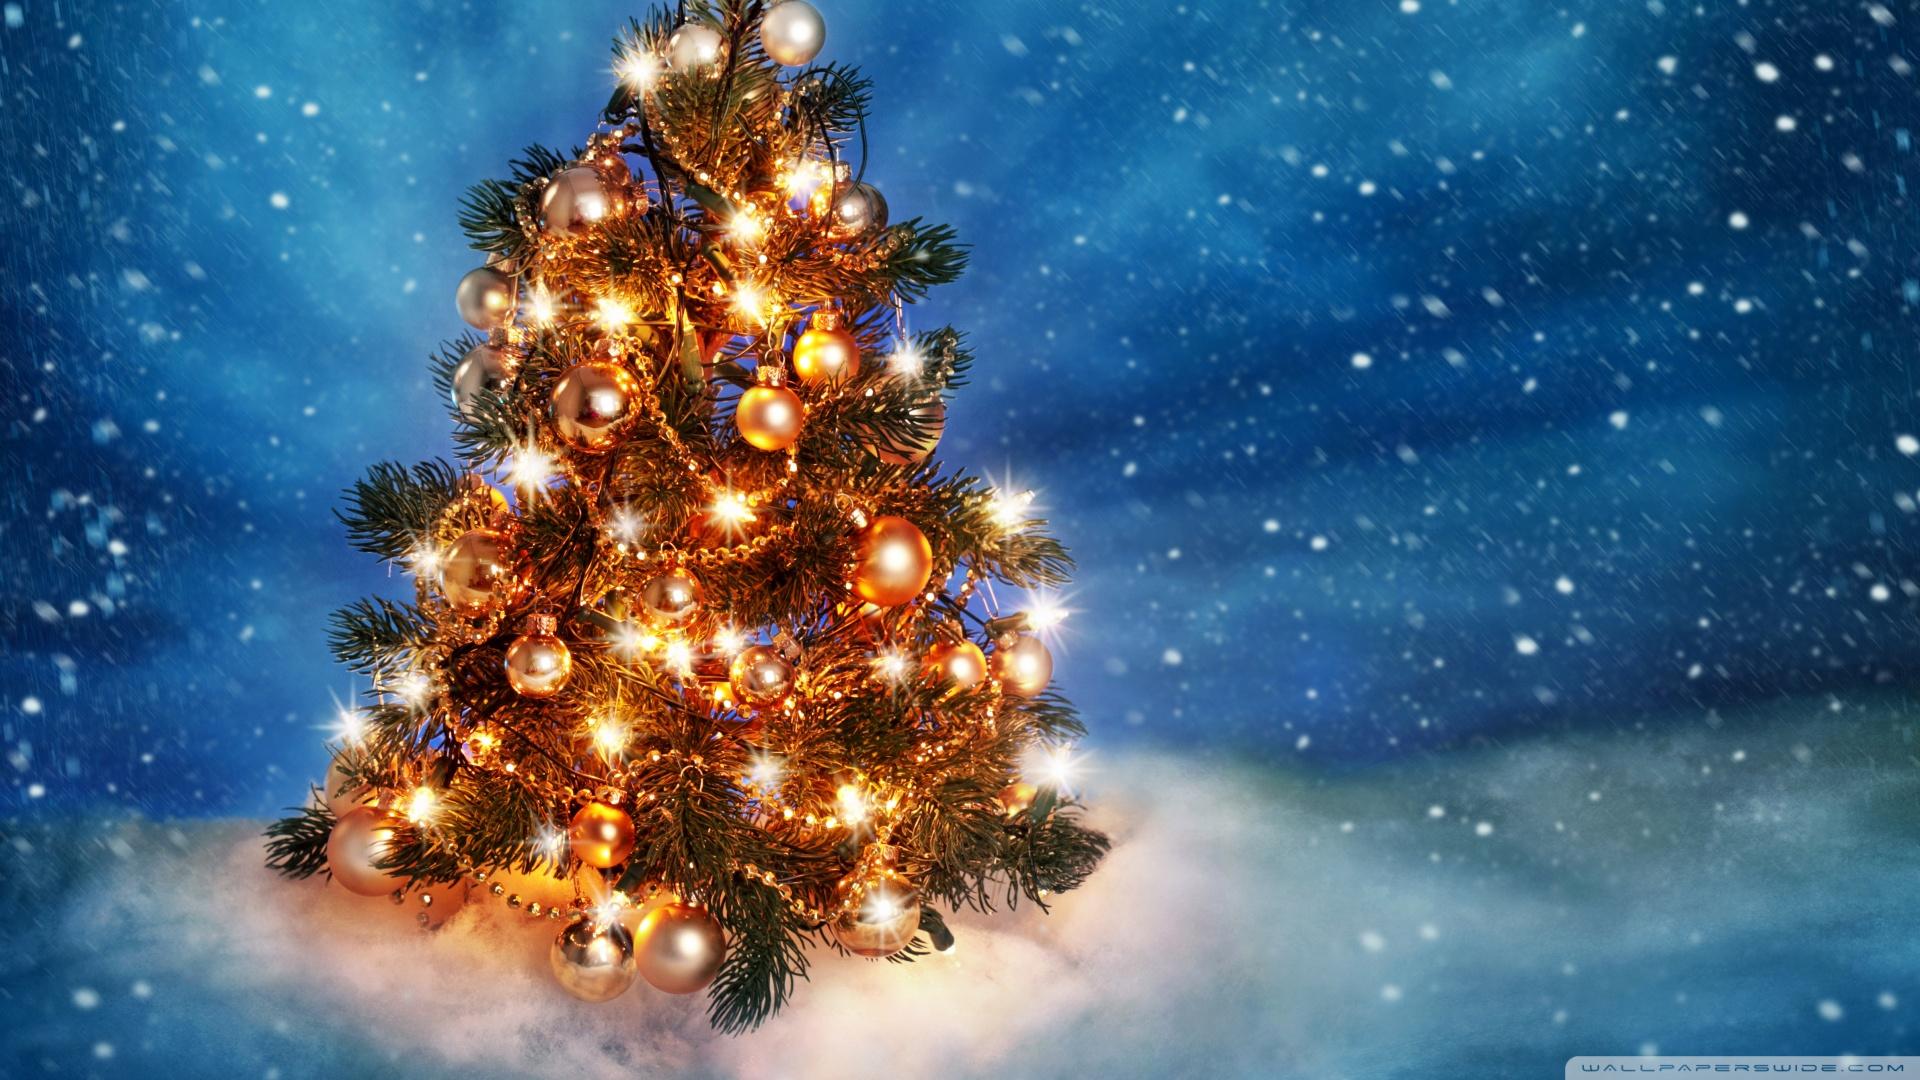 christmas tree 2015 wallpaper 1920x1080